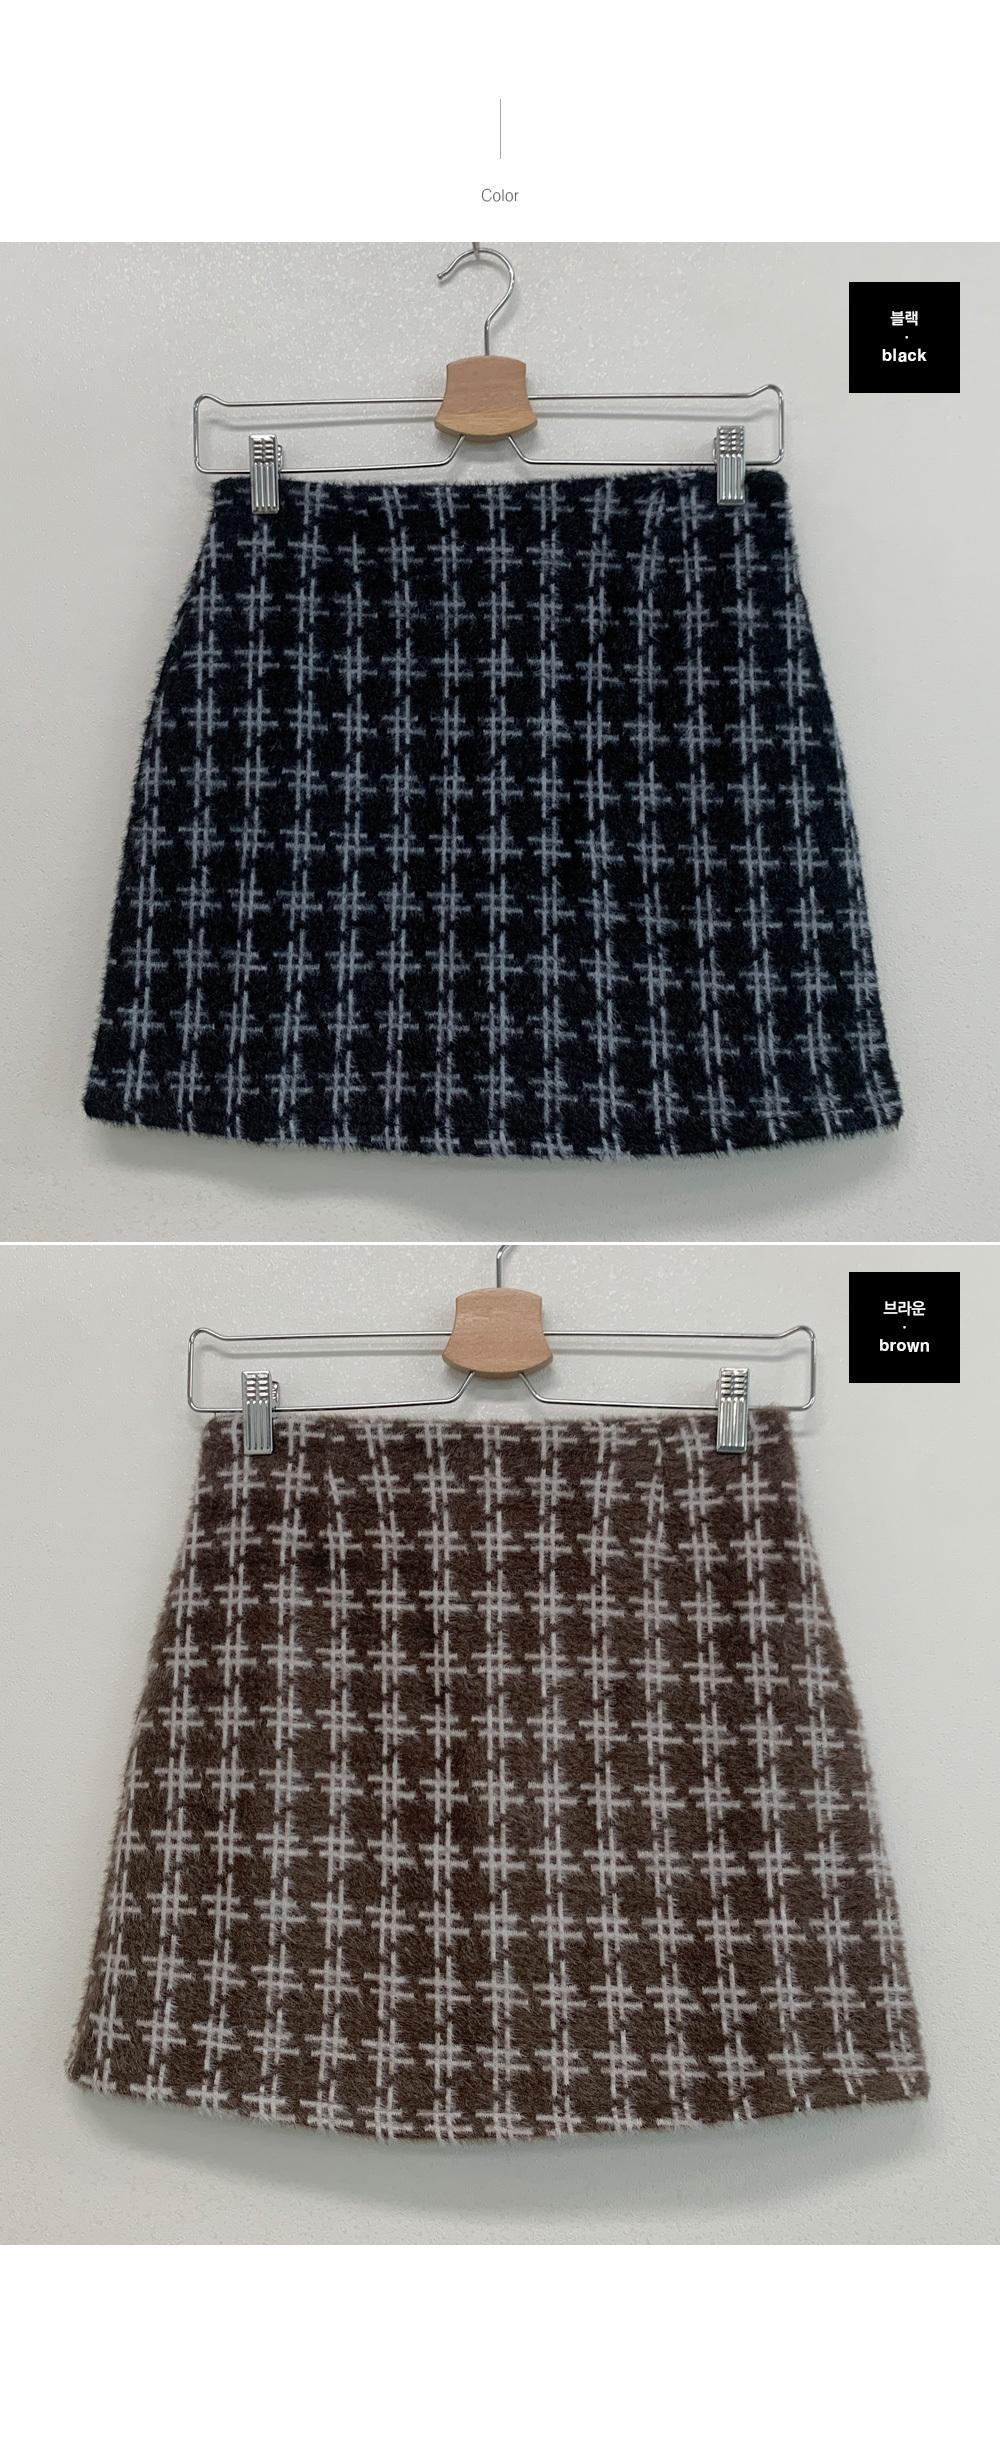 Soft check skirt